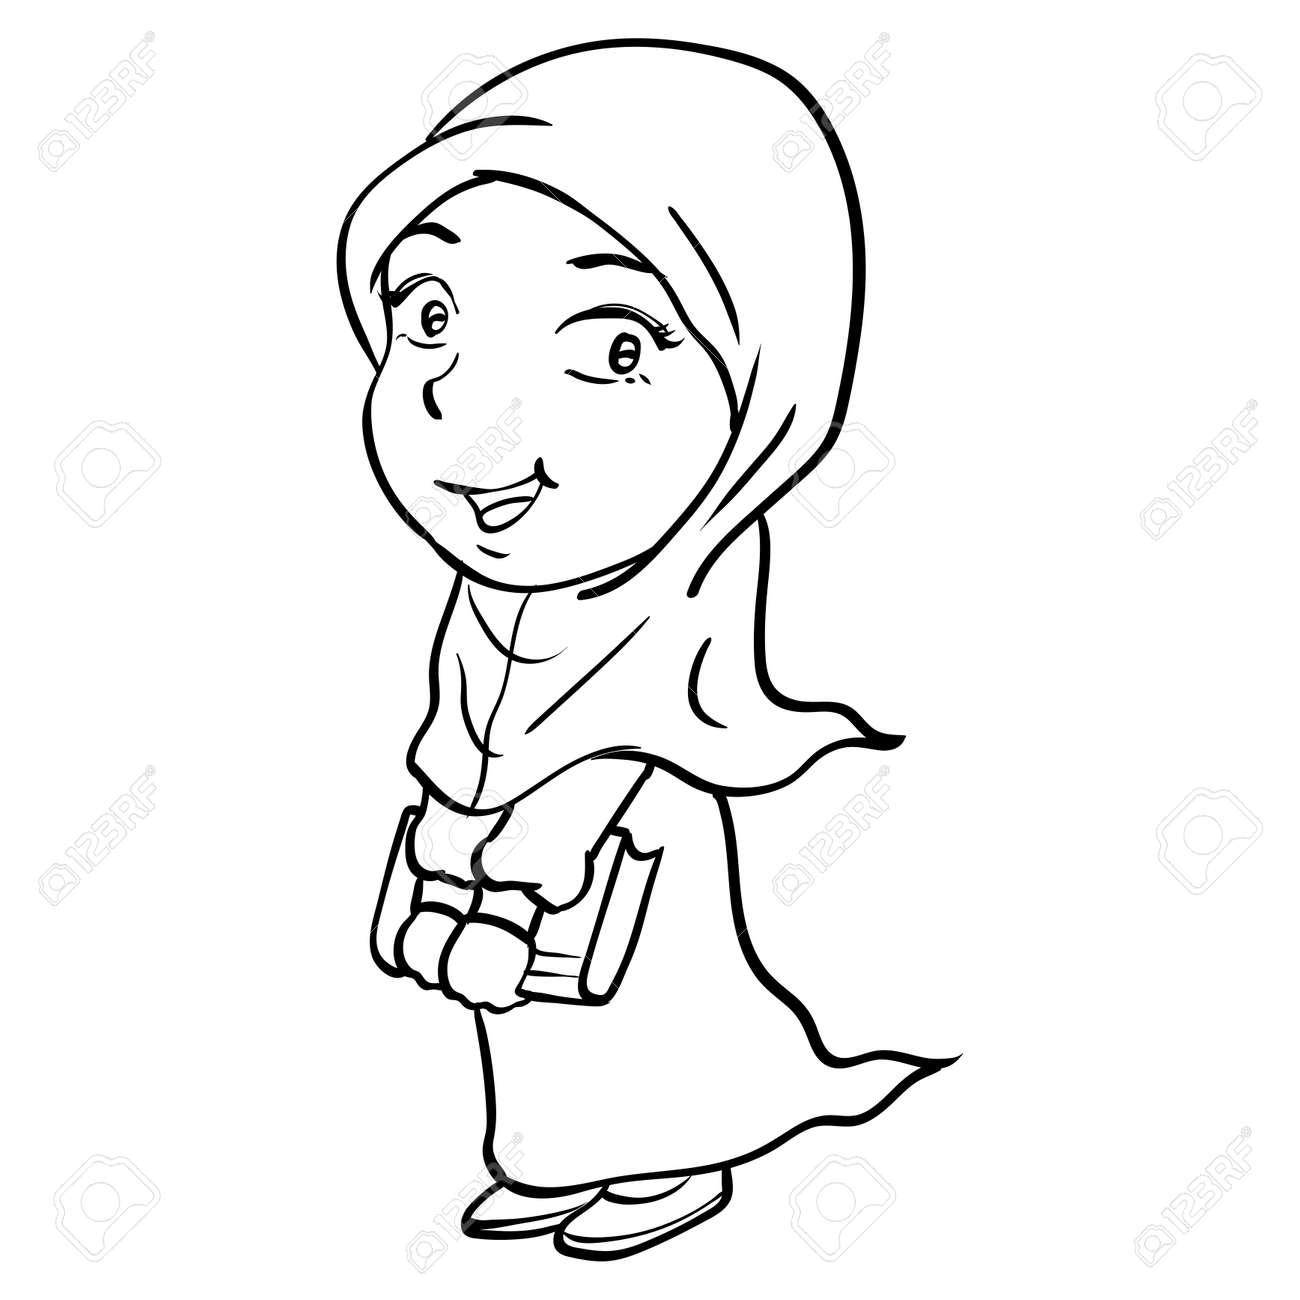 Main Dessin De Dessin Anime Smiley Fille Musulmane Tenant Le Livre Isole Sur Fond Blanc Ligne Simple Noir Et Blanc Illustration Vectorielle Pour